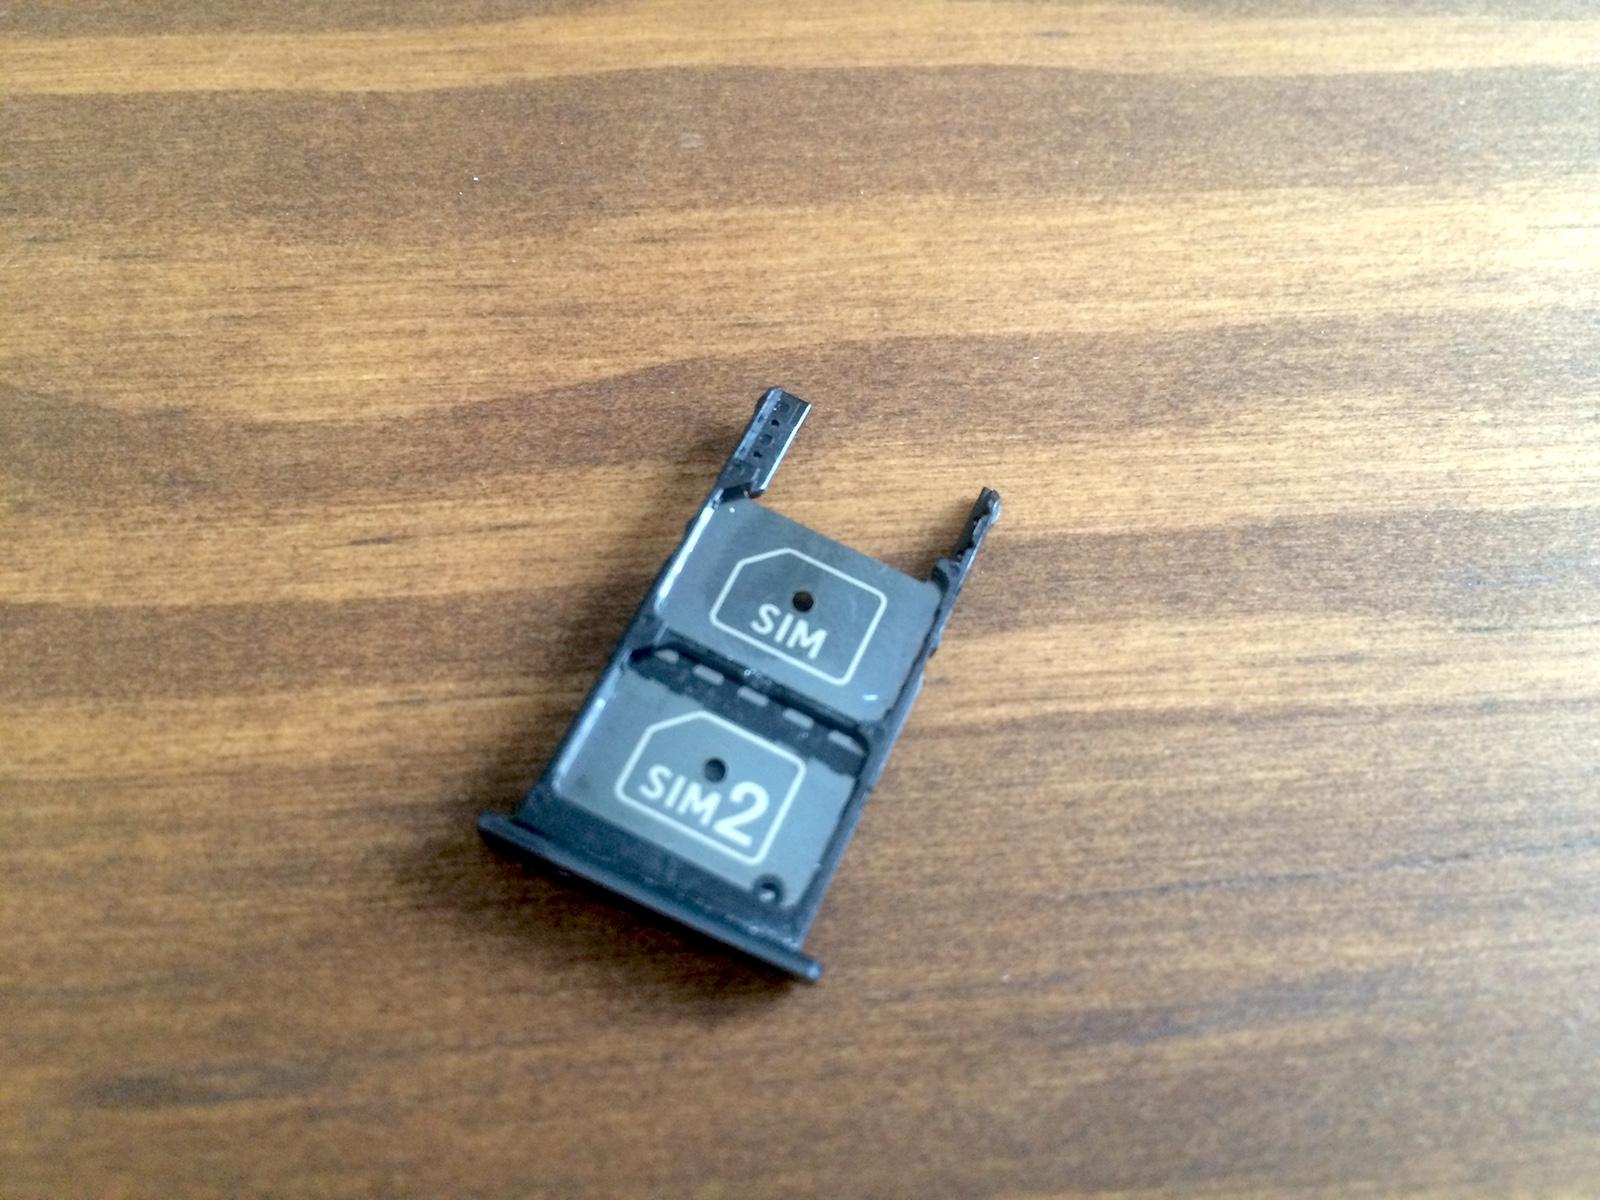 Jetzt hat das Moto X Play einen Dual-SIM Schacht (Bild: Benjamin Blessing).